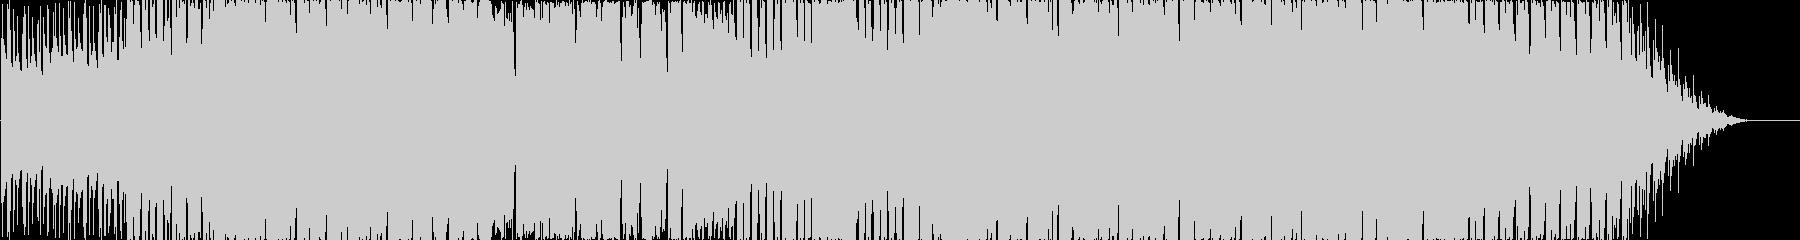 エモーショナルなトロピカルBGMの未再生の波形